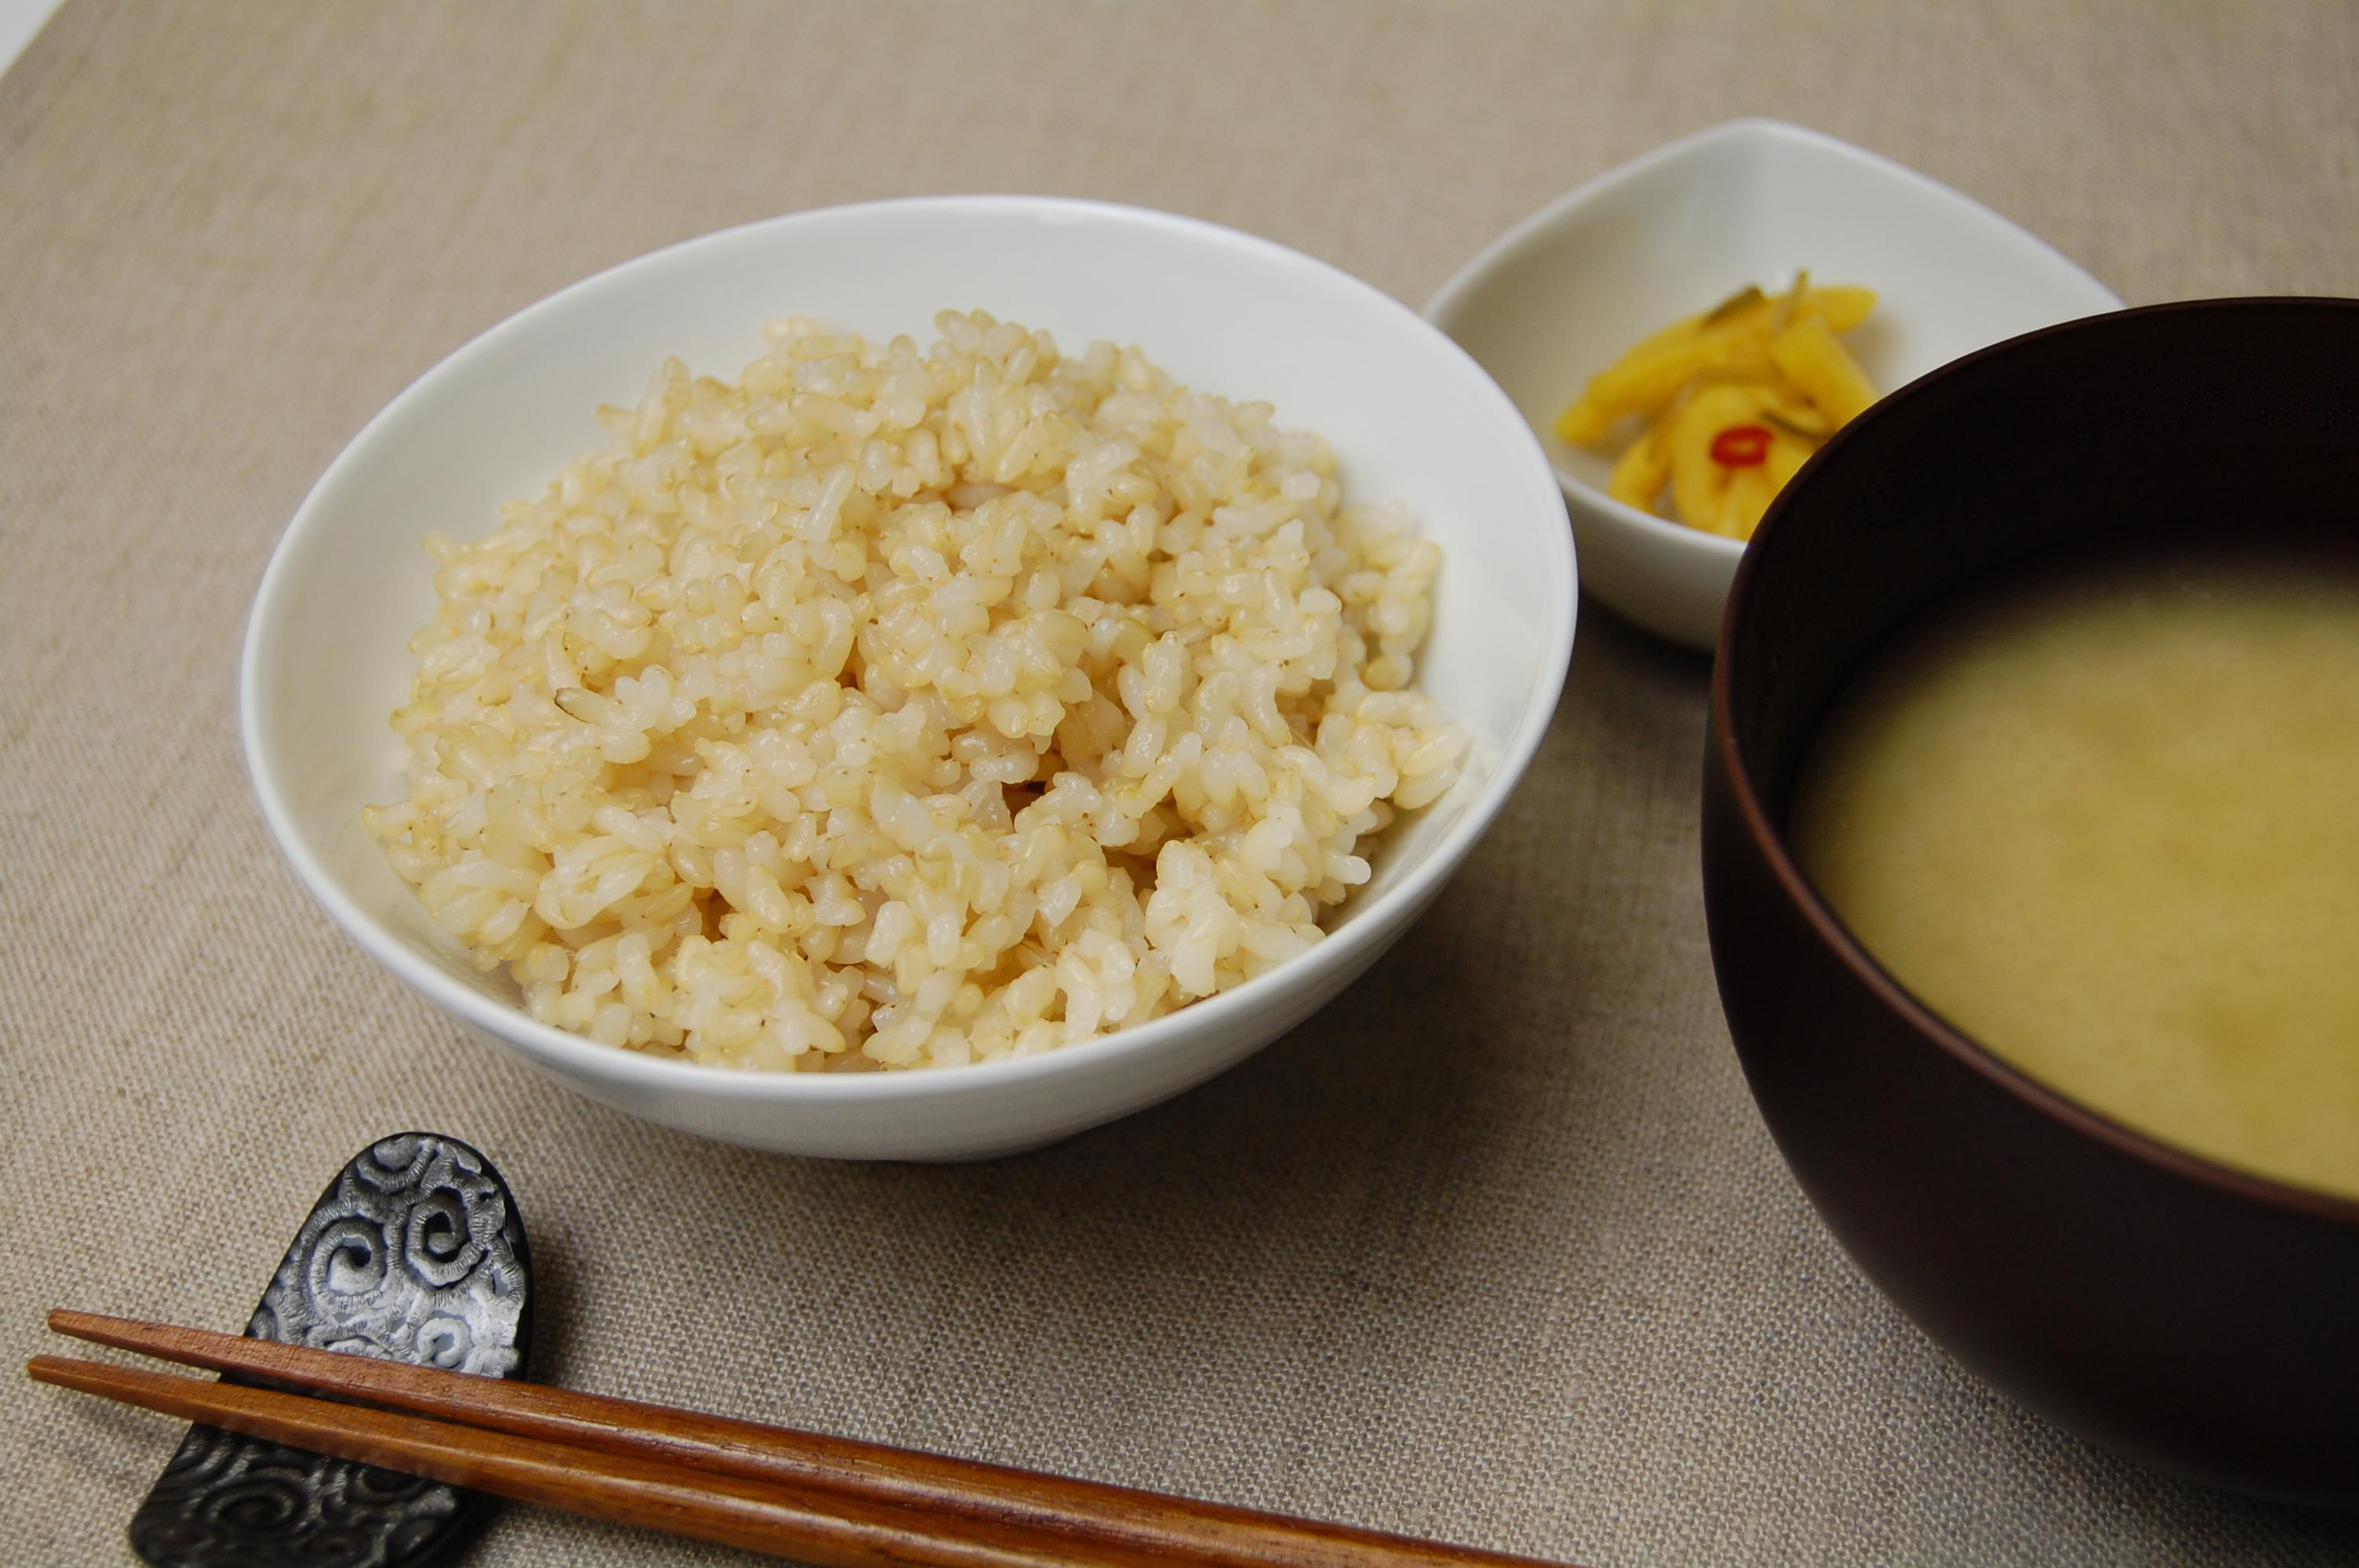 酵素玄米を炊ける炊飯器「なでしこ健康生活」の詳細